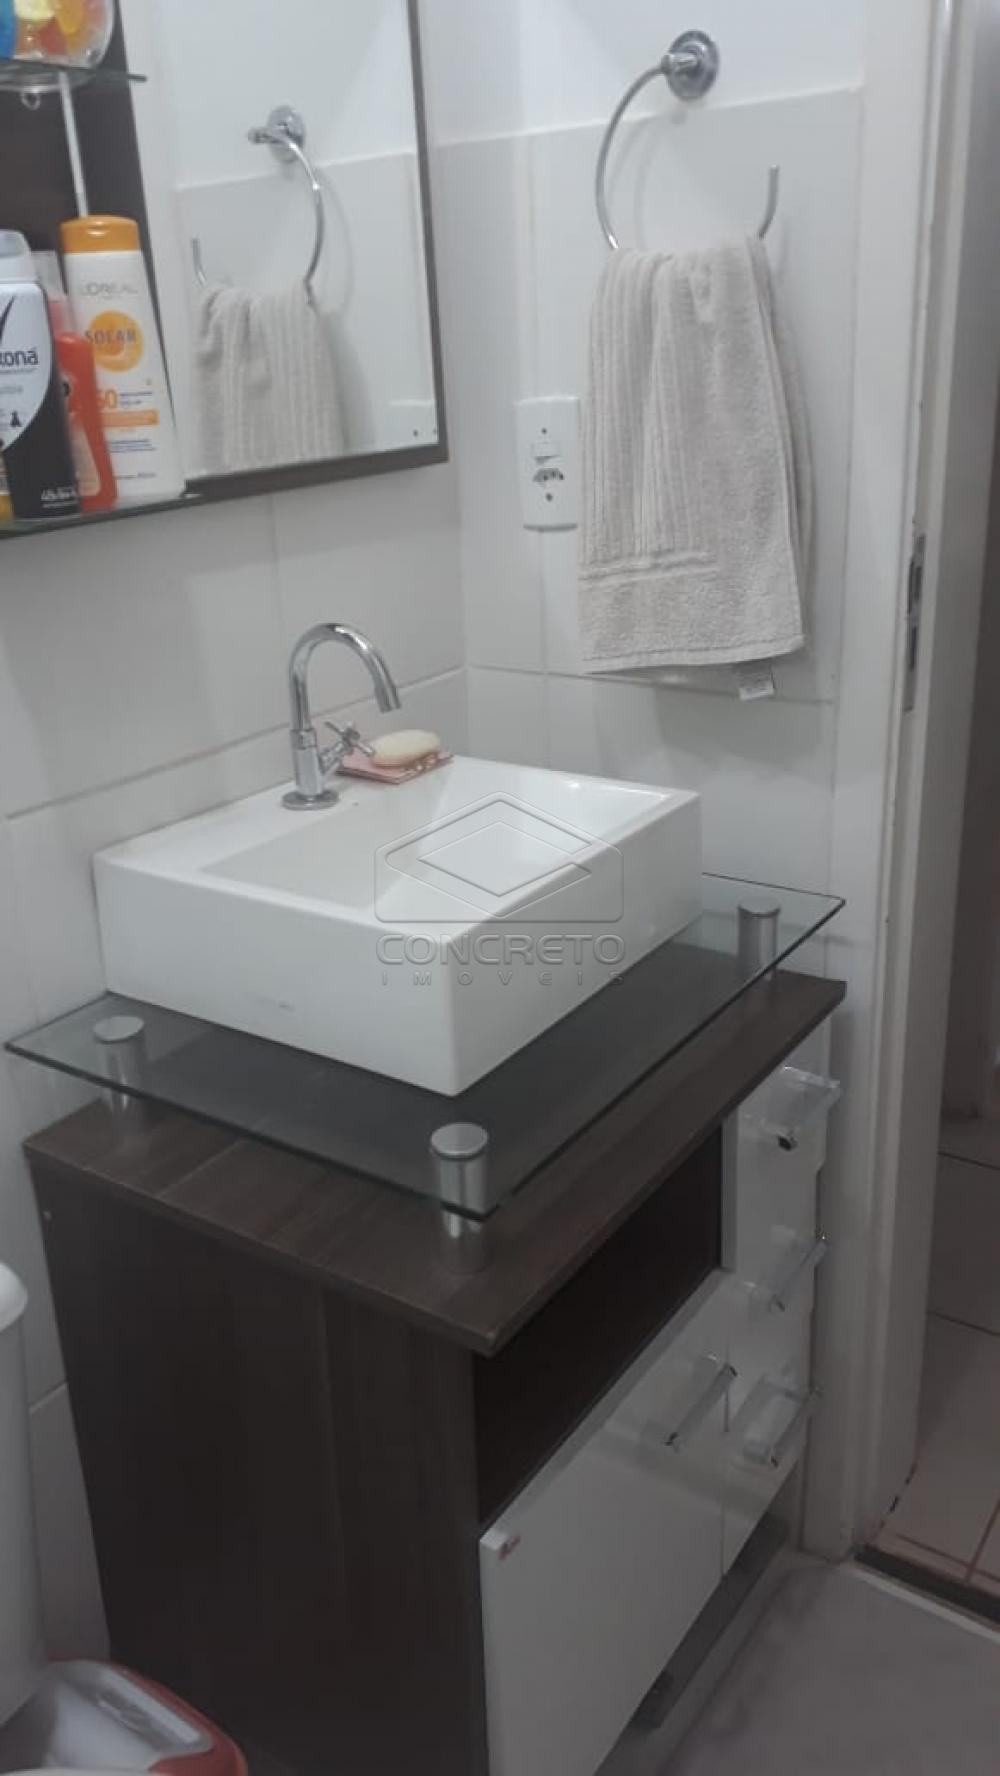 Comprar Apartamento / Padrão em Bauru apenas R$ 120.000,00 - Foto 10